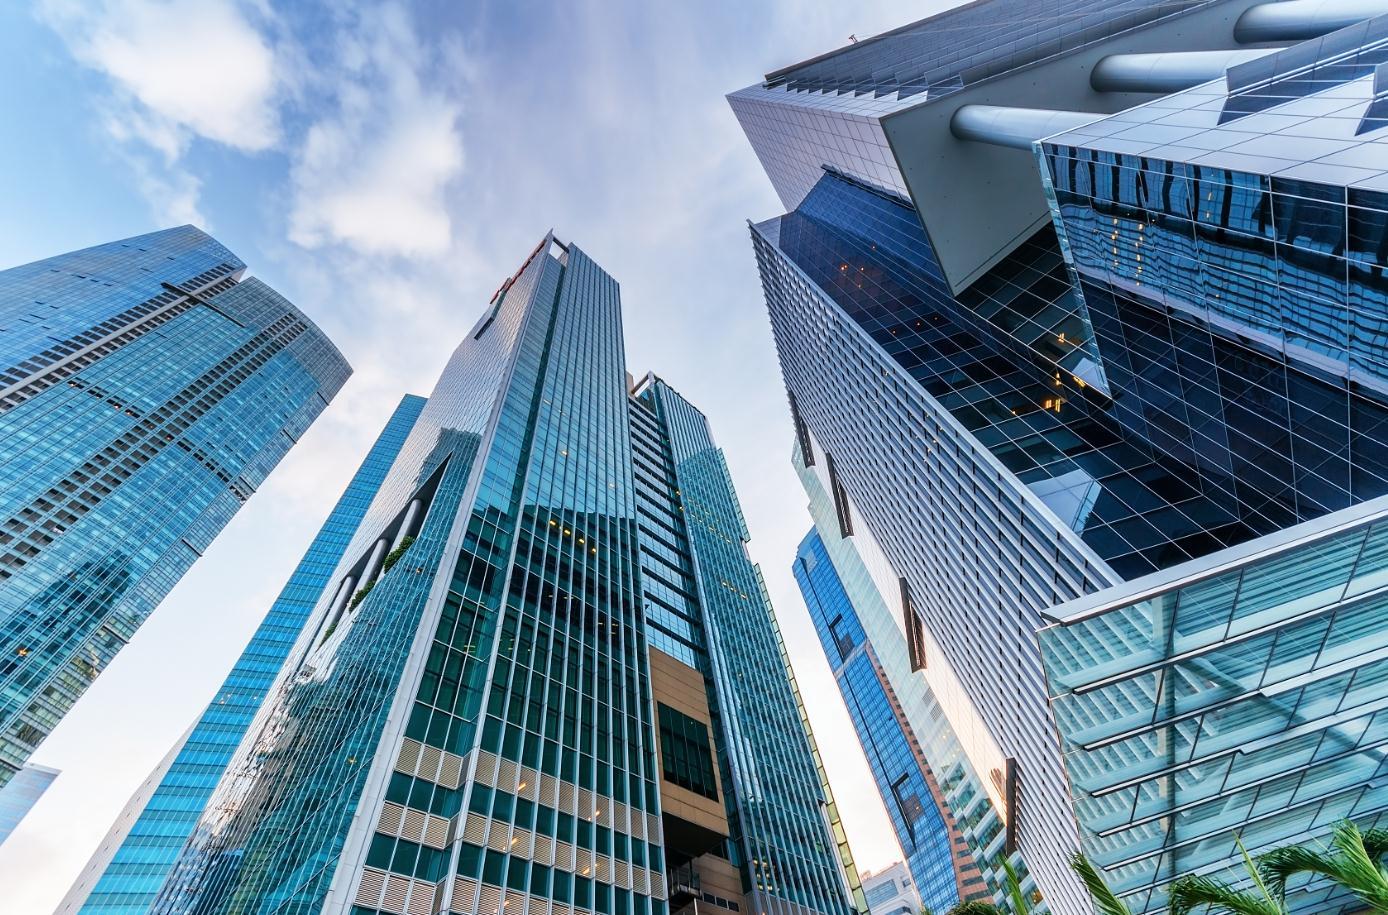 智能百科:智能建筑将带来哪些好处?